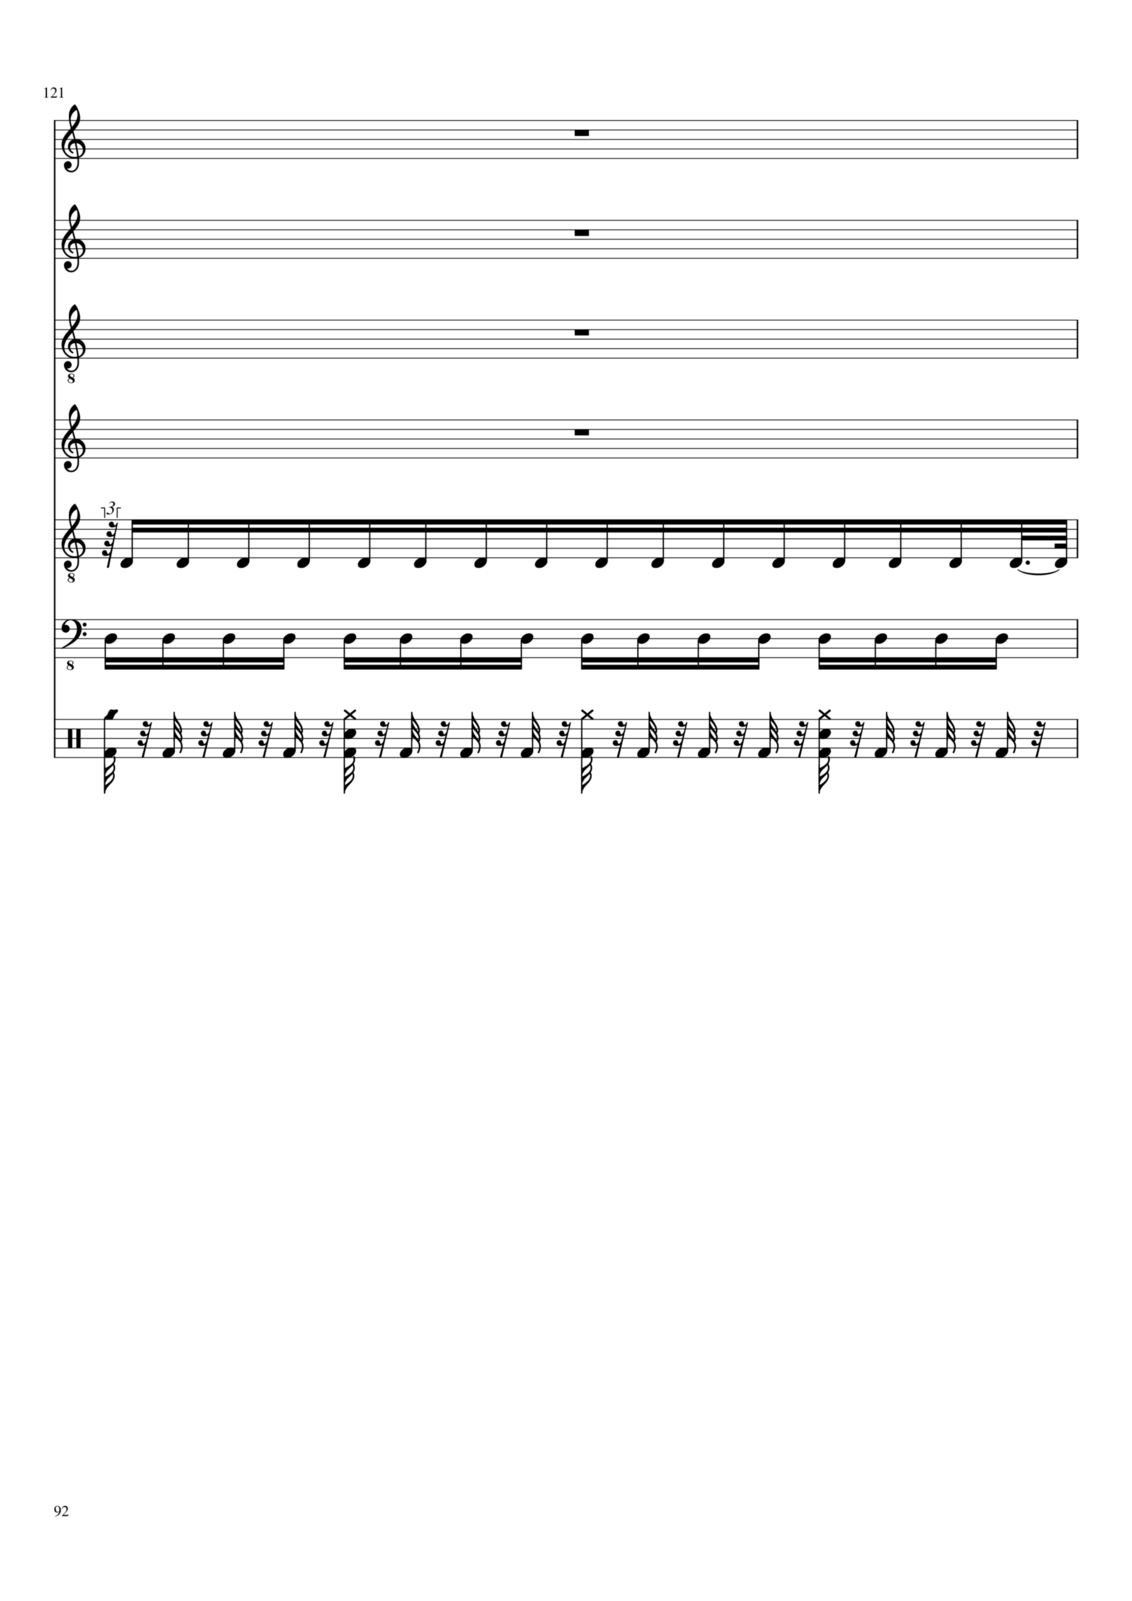 Proschanie s volshebnoy stranoy slide, Image 92